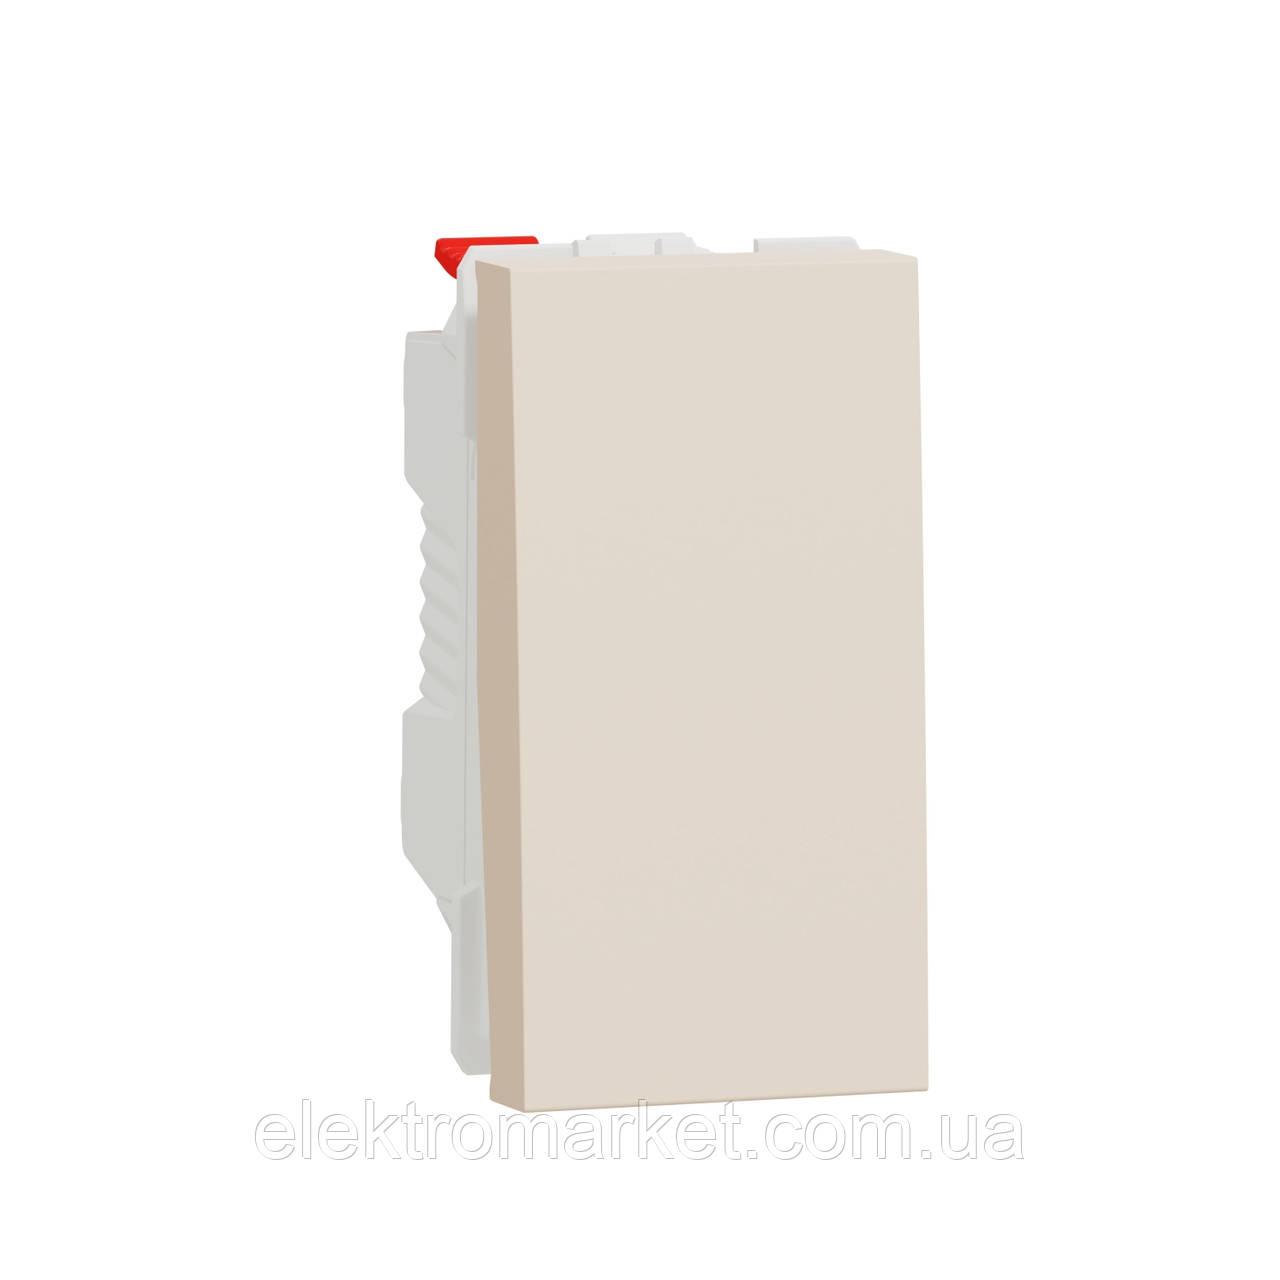 Перемикач 1-клавішний схема 6, 10А, 1 модуль бежевий Unica New